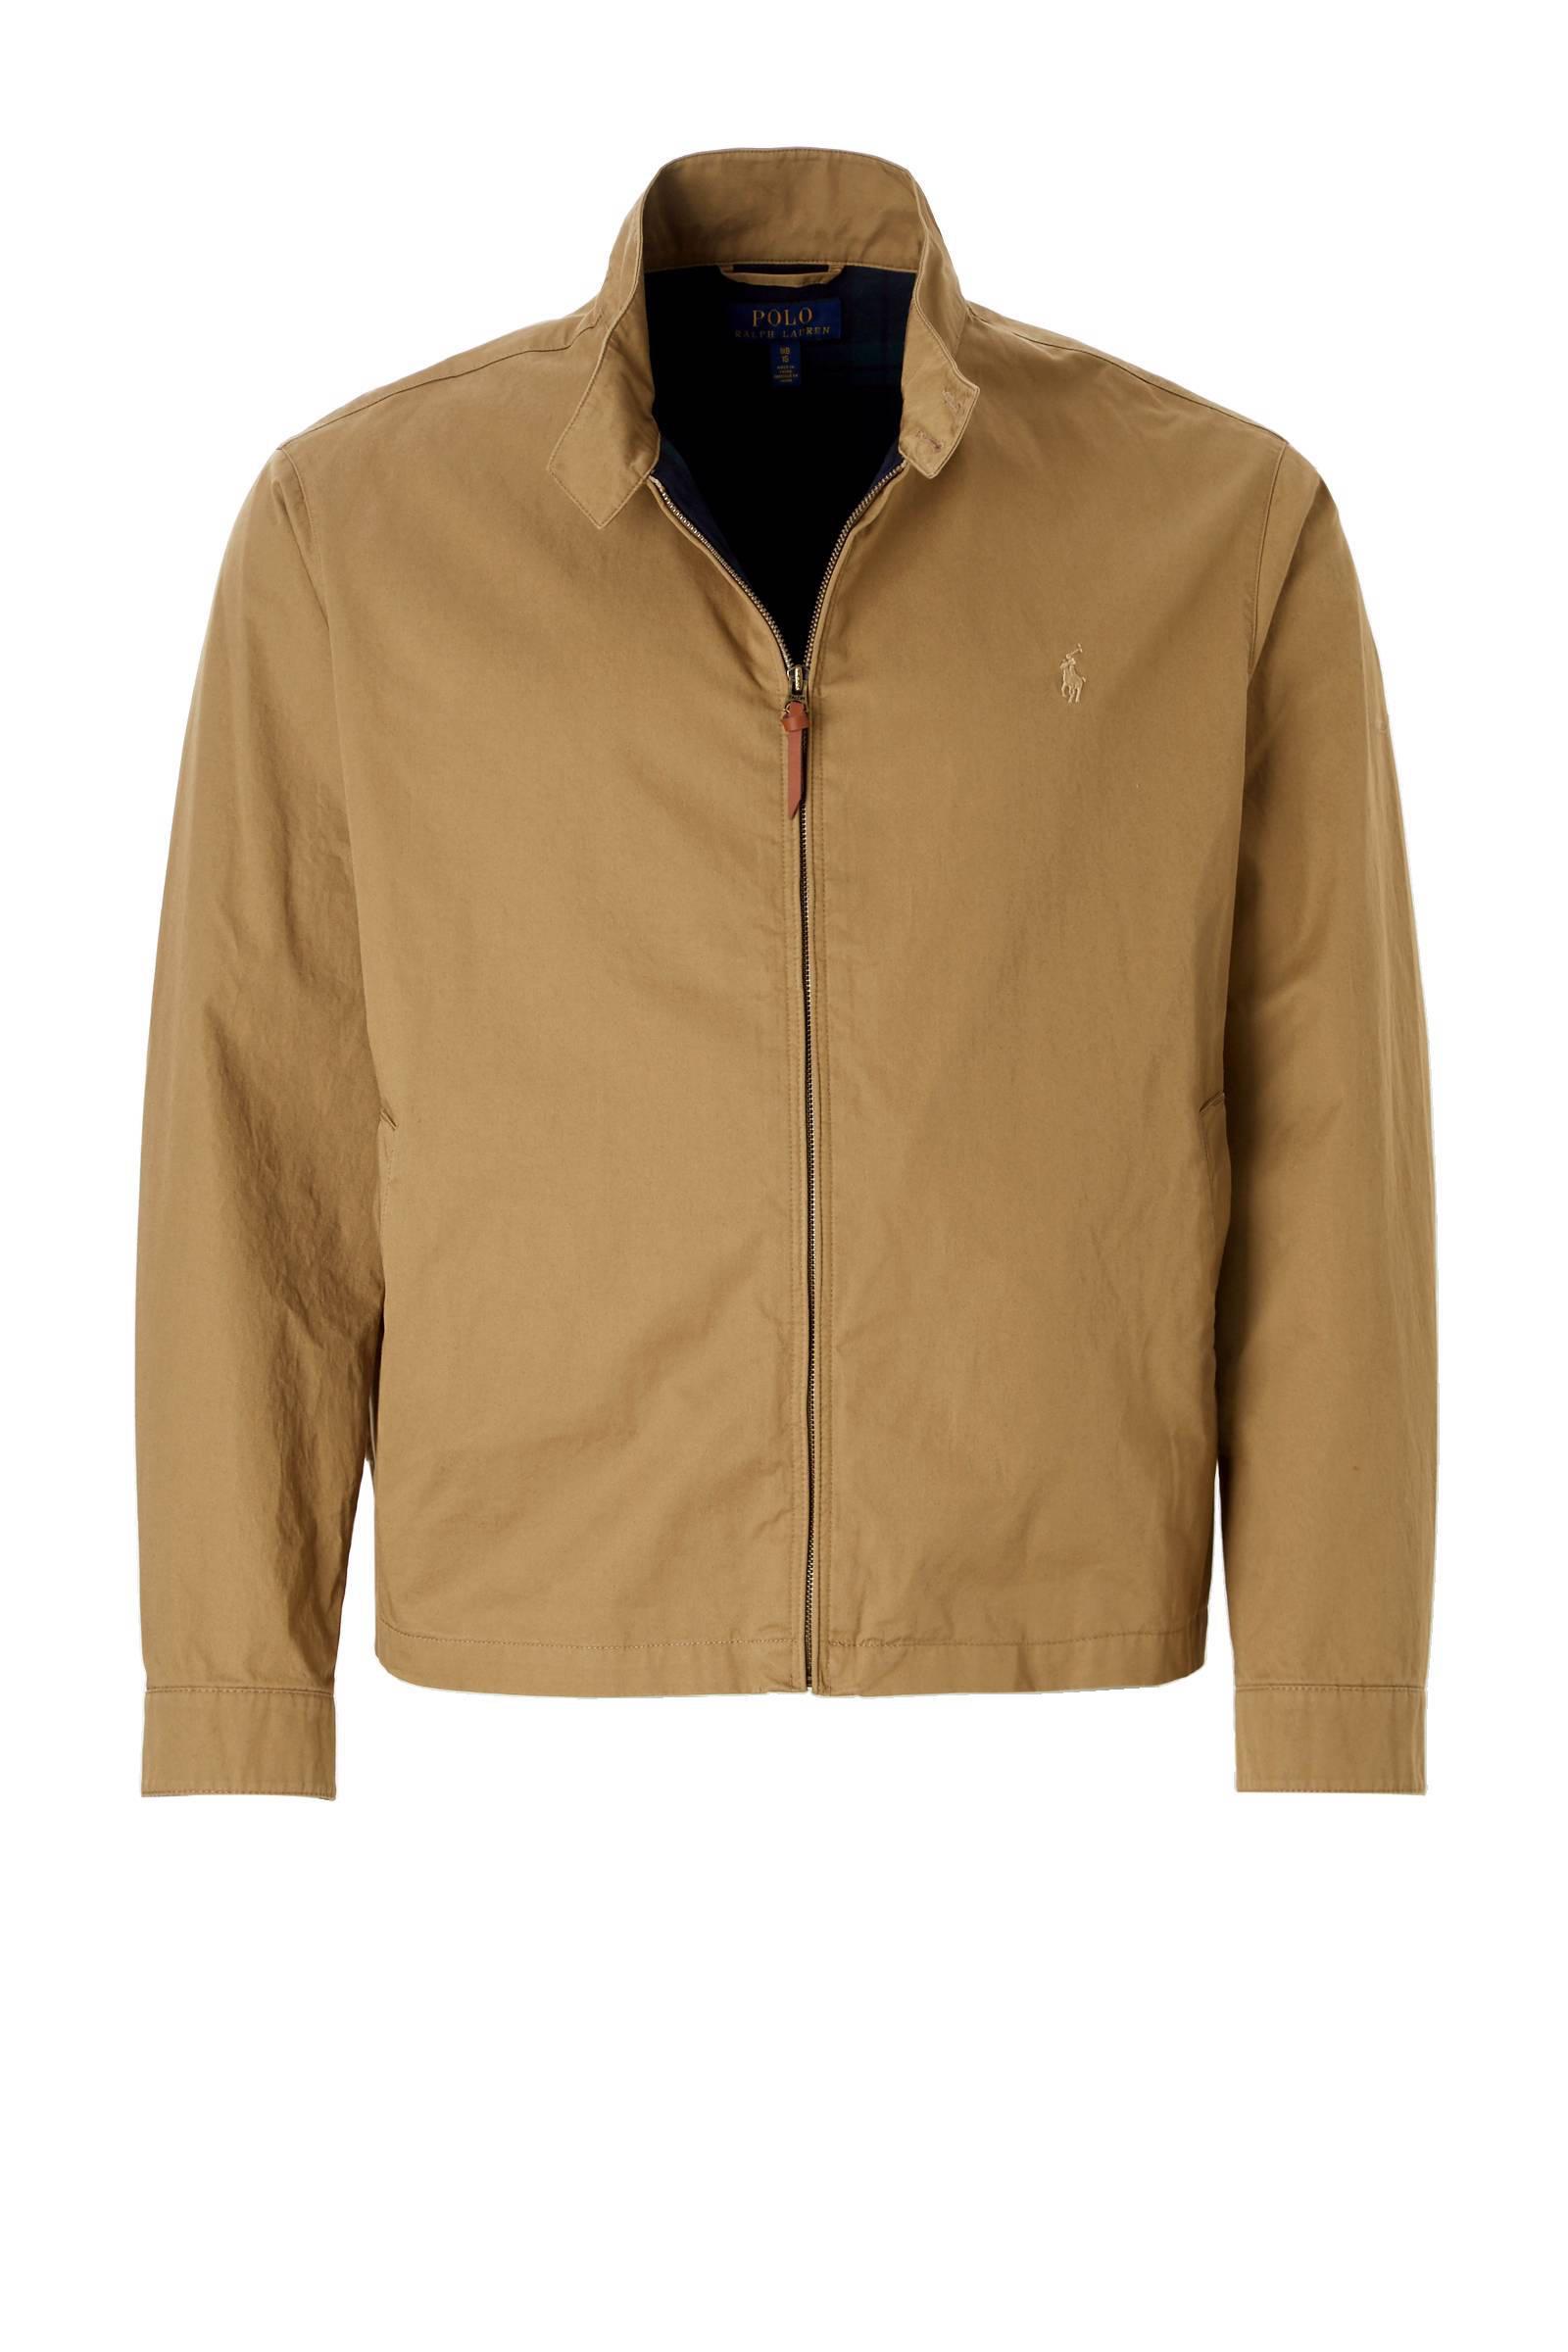 POLO Ralph Lauren Big & Tall +size jas (heren)